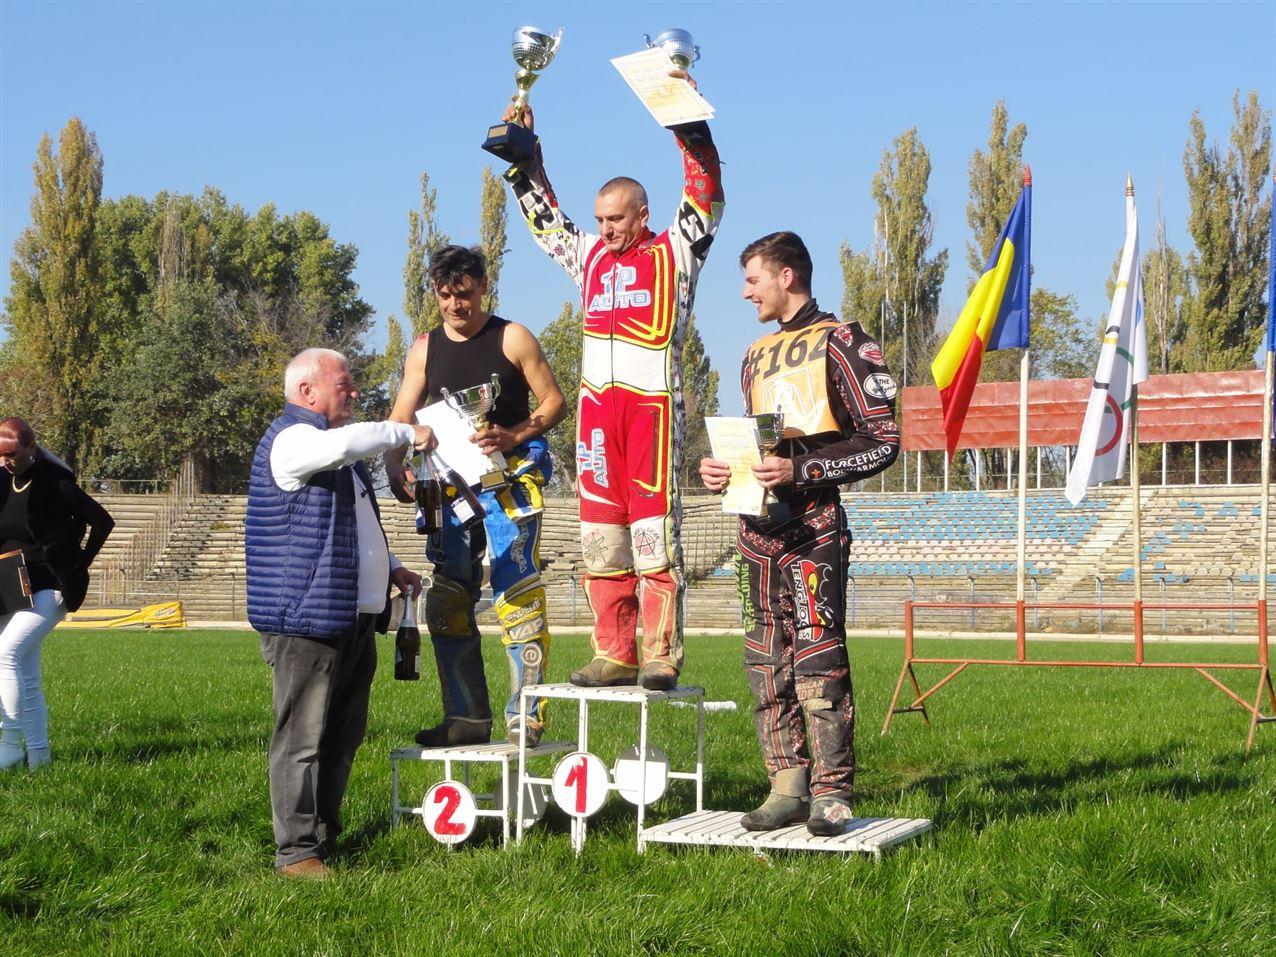 Milen Manev lider după cele patru etape desfășurate în cadrul Campionatului național de dirt-track